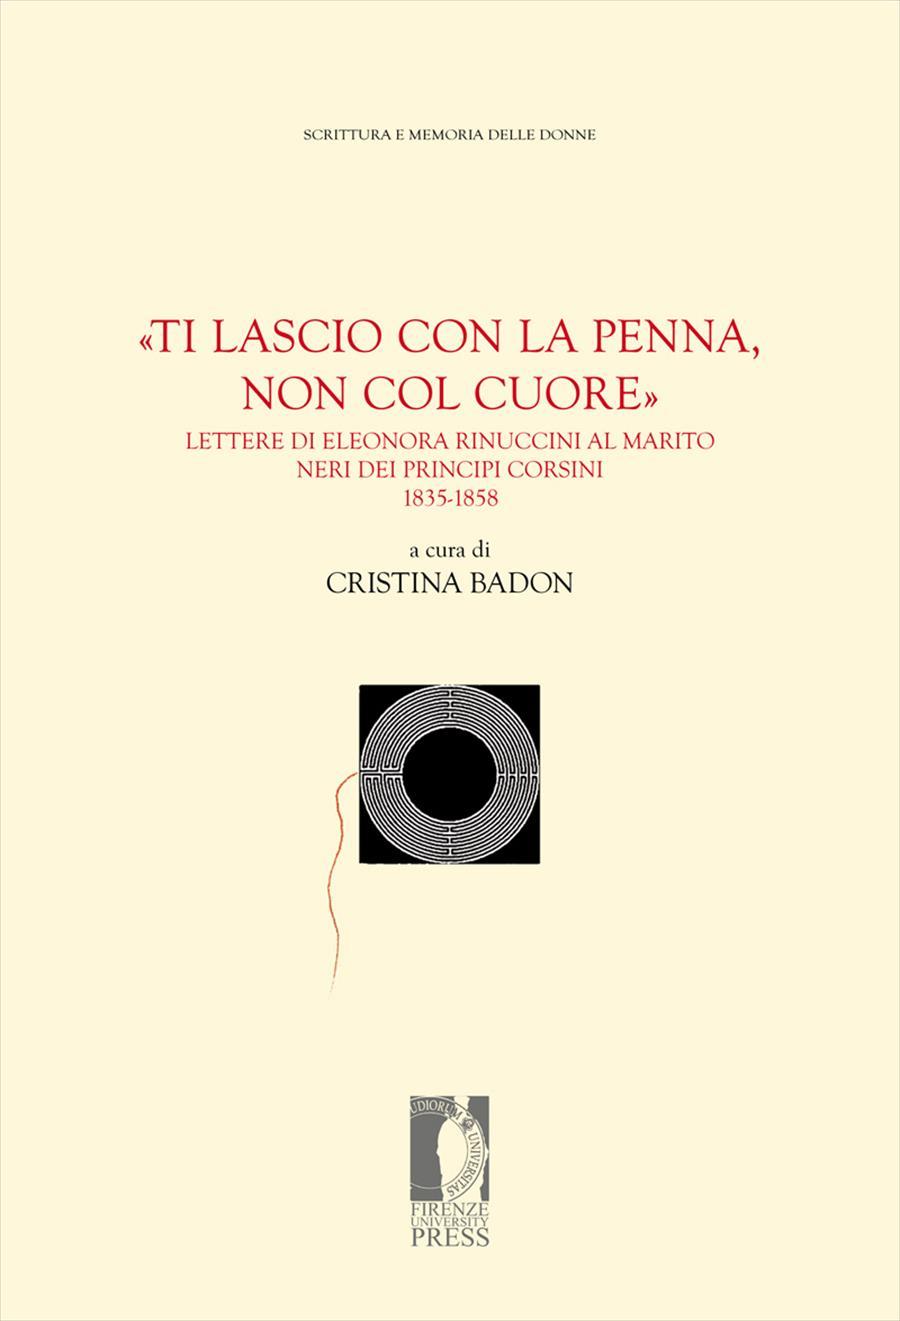 «Ti lascio con la penna, non col cuore». Lettere di Eleonora Rinuccini al marito Neri dei principi Corsini. 1835-1858